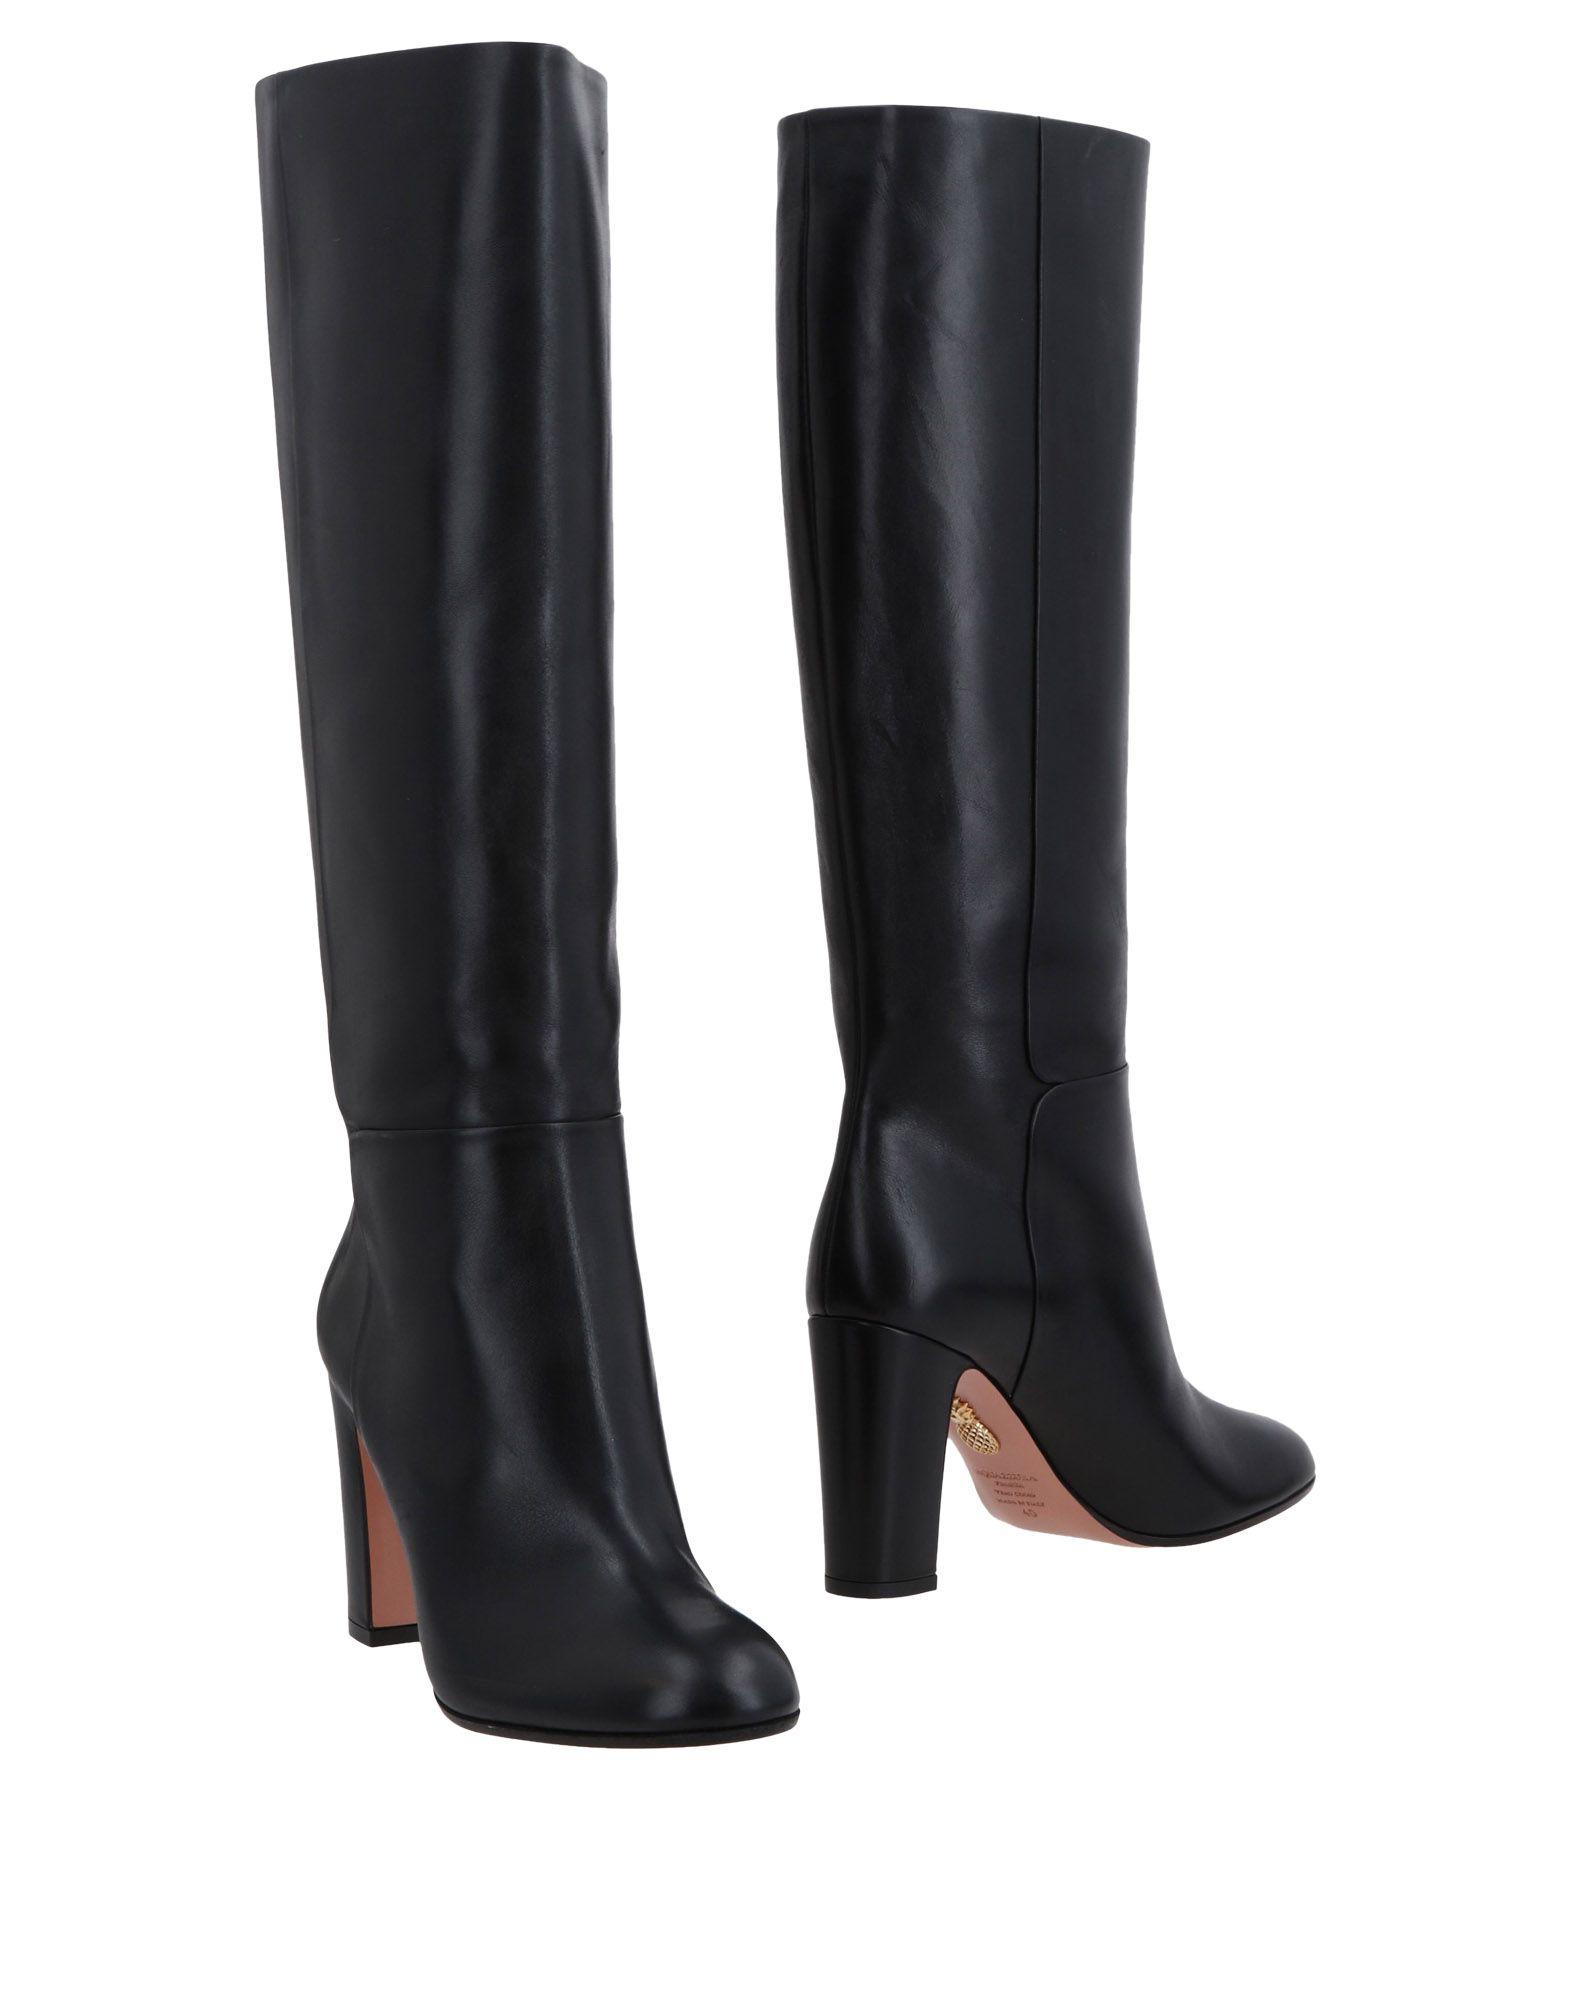 Aquazzura Stiefel aussehende Damen  11473609UVGünstige gut aussehende Stiefel Schuhe f7995c